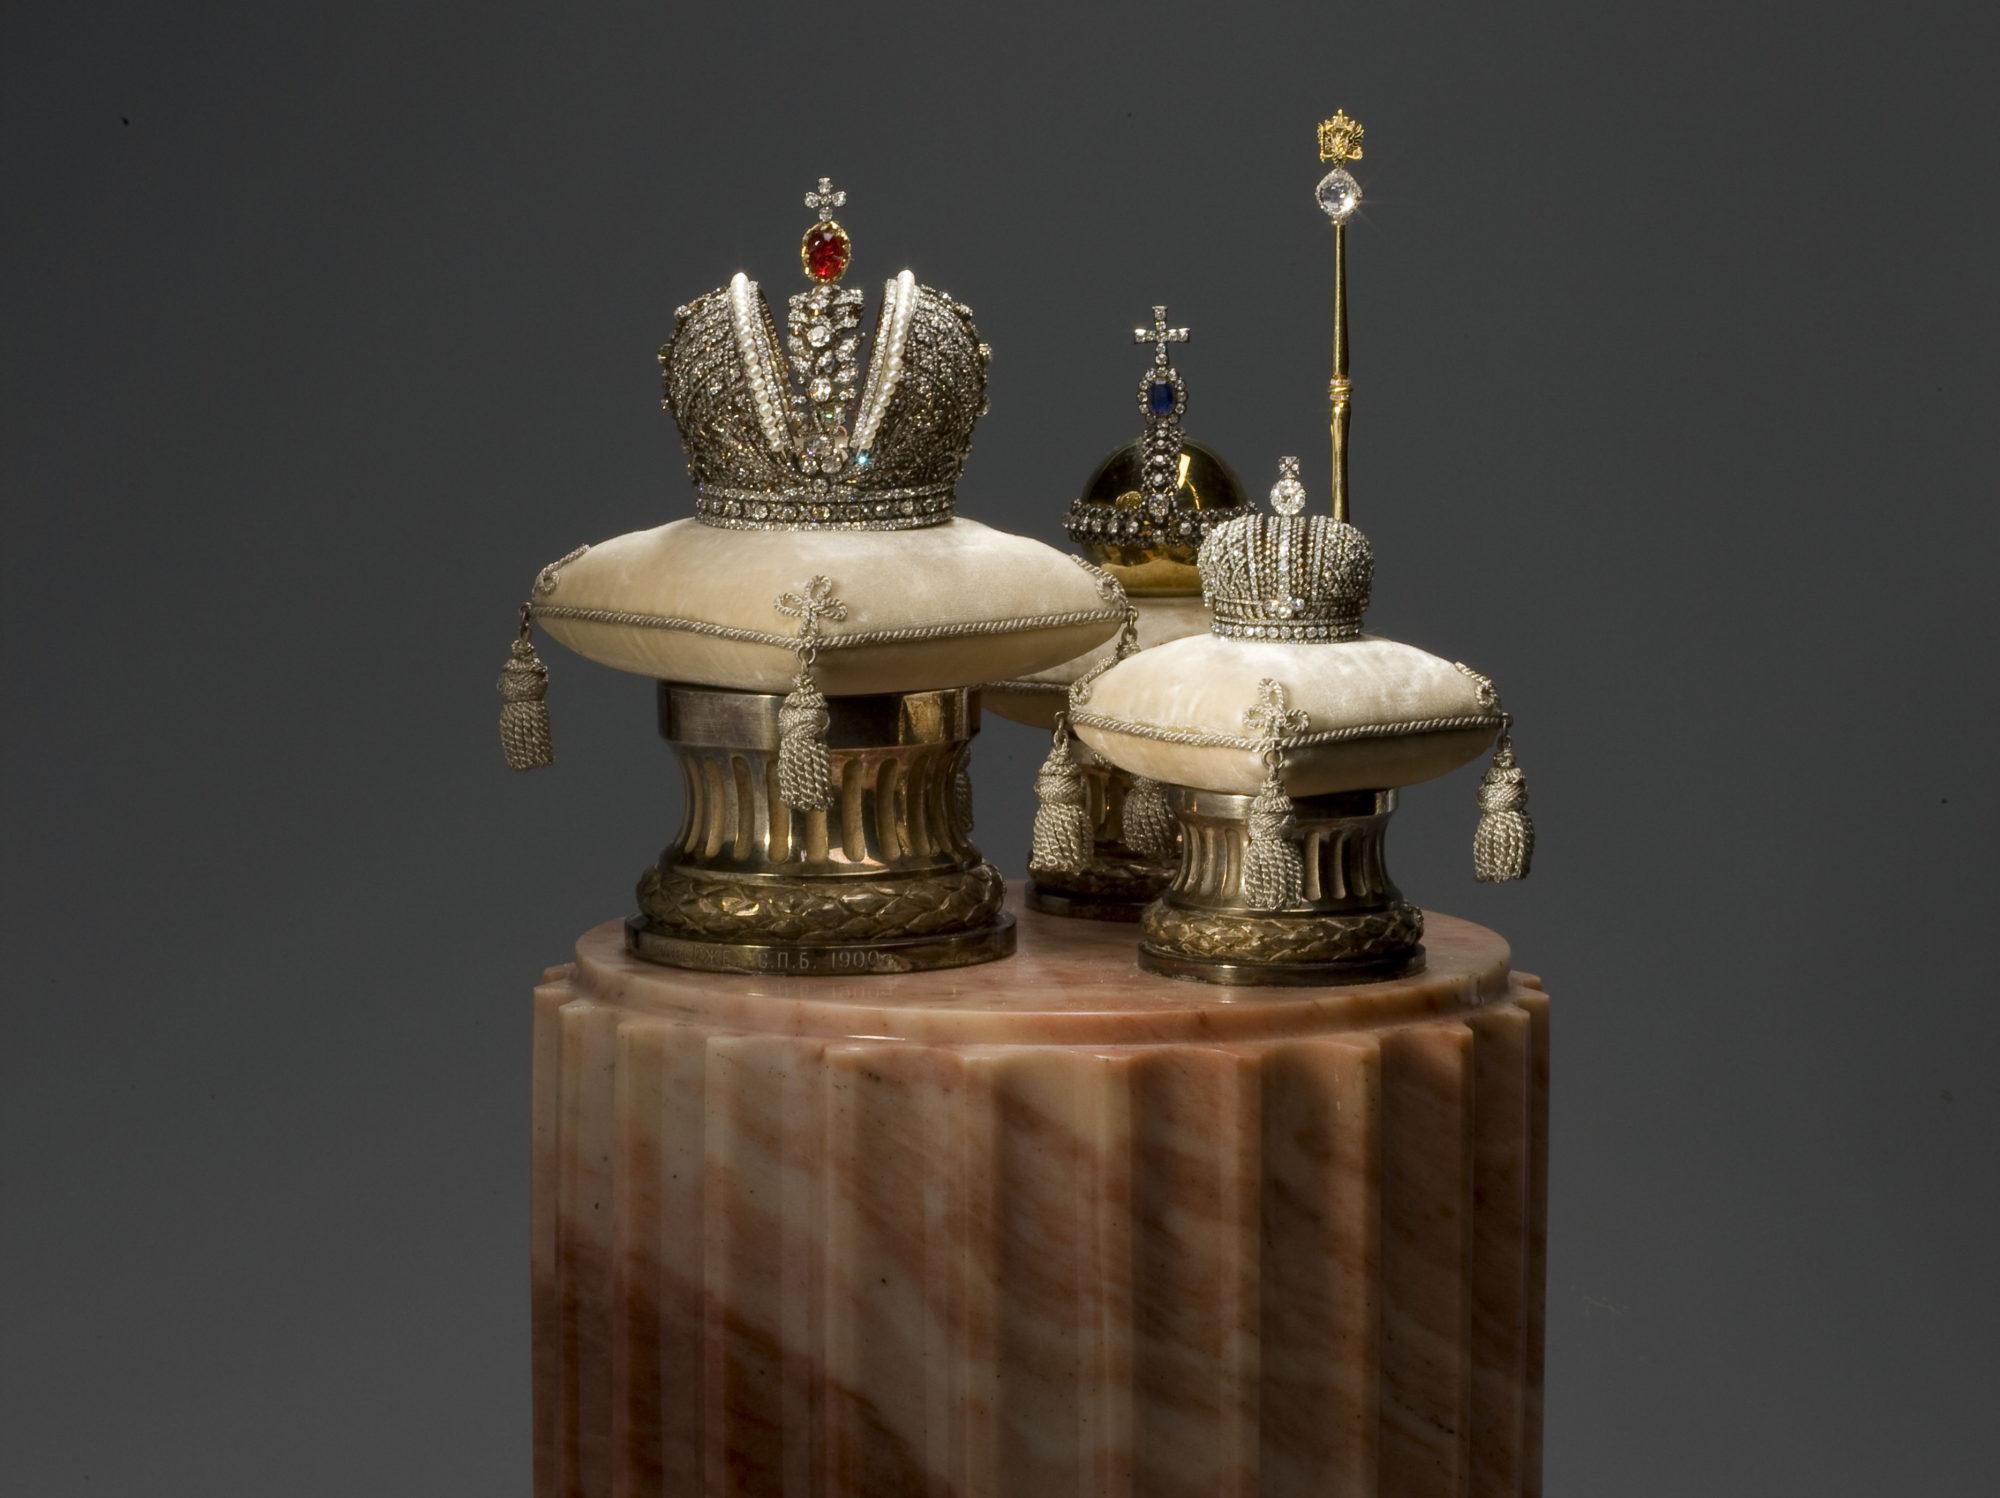 Копии императорских регалий работы Карла Фаберже, 1900 г.